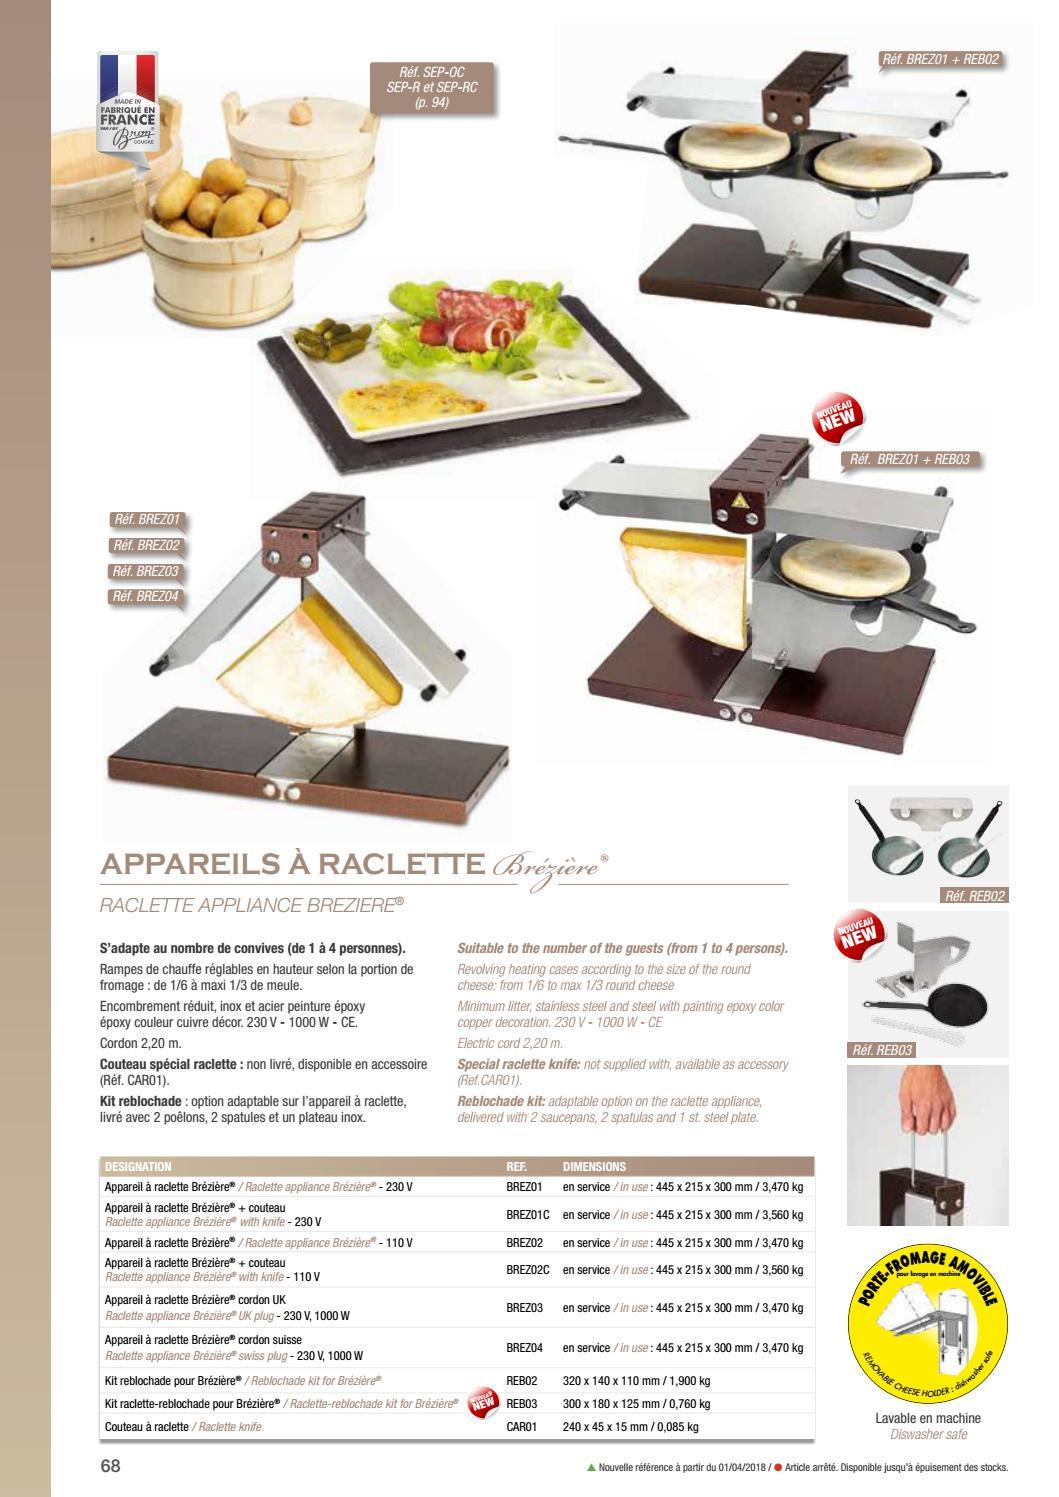 Bron Coucke BREZ01 Appareil à Raclette Brézière